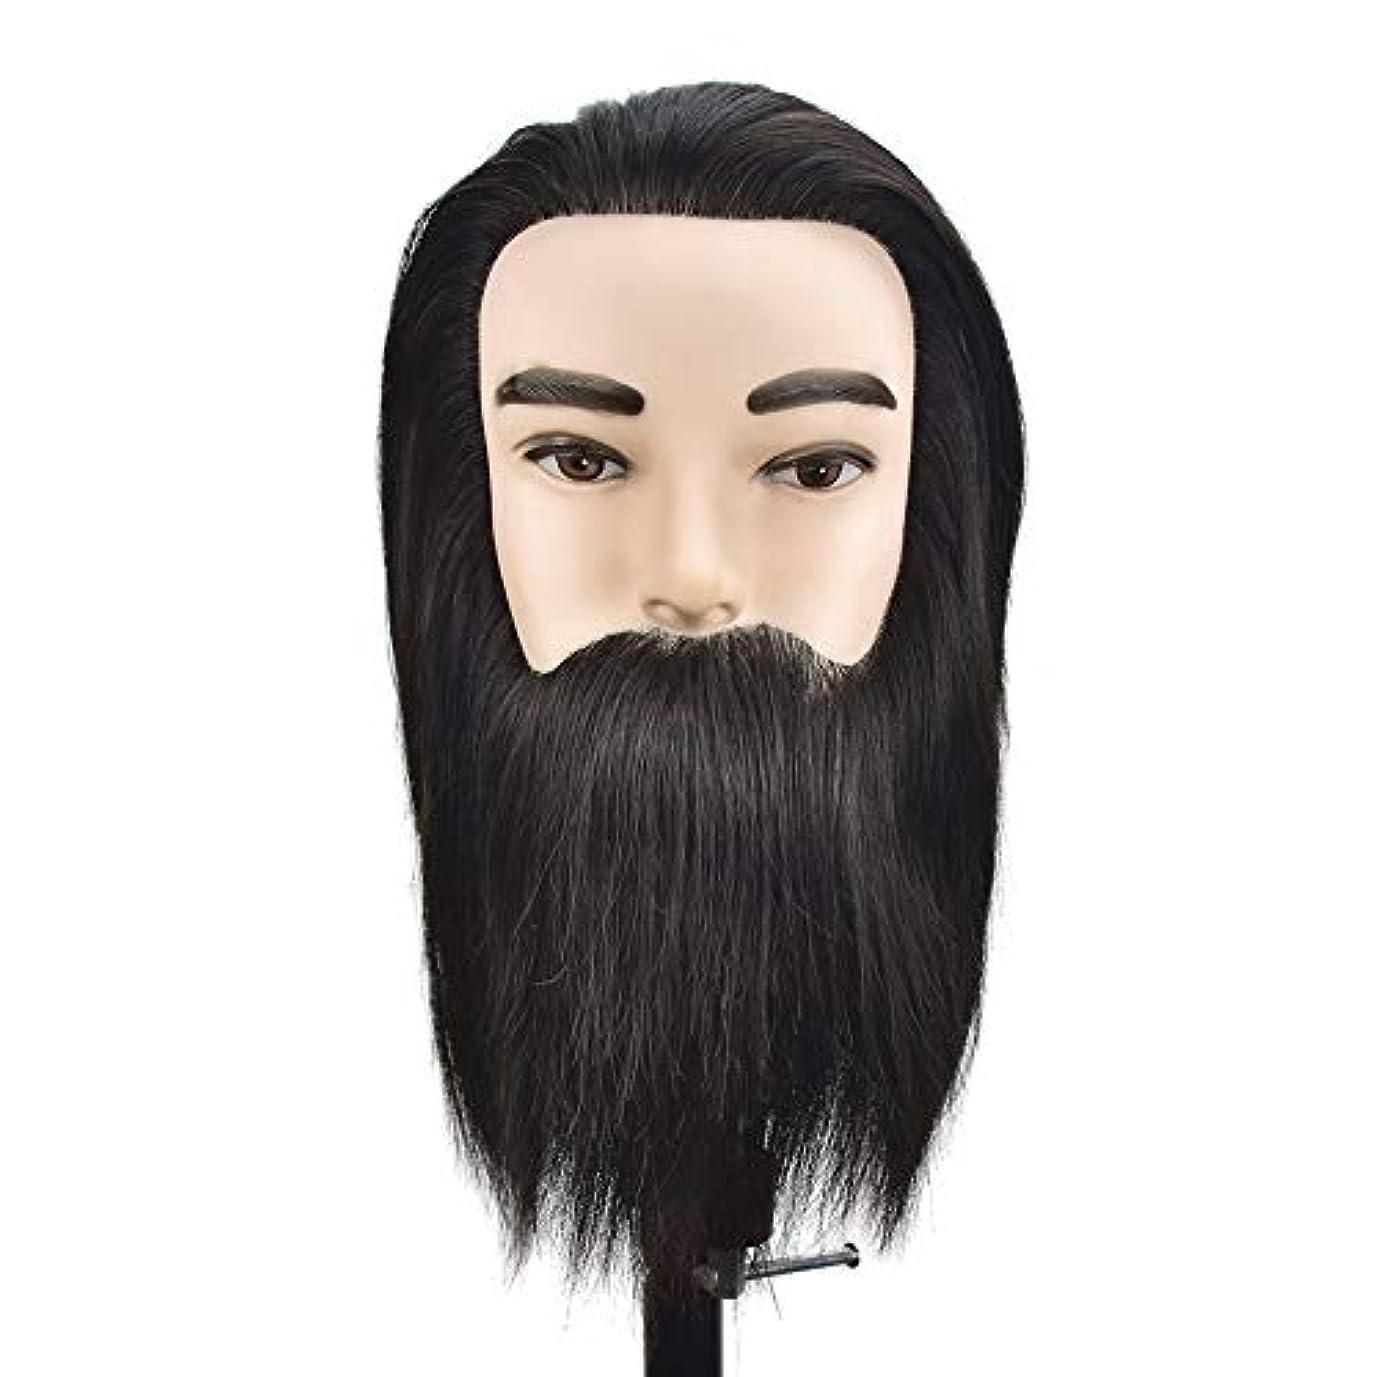 ゲート正しくジェスチャーリアル人間の髪トレーニングヘッドパーマ髪モデル髪染め理髪ダミーヘッドトリミングひげ学習ヘッドモデル